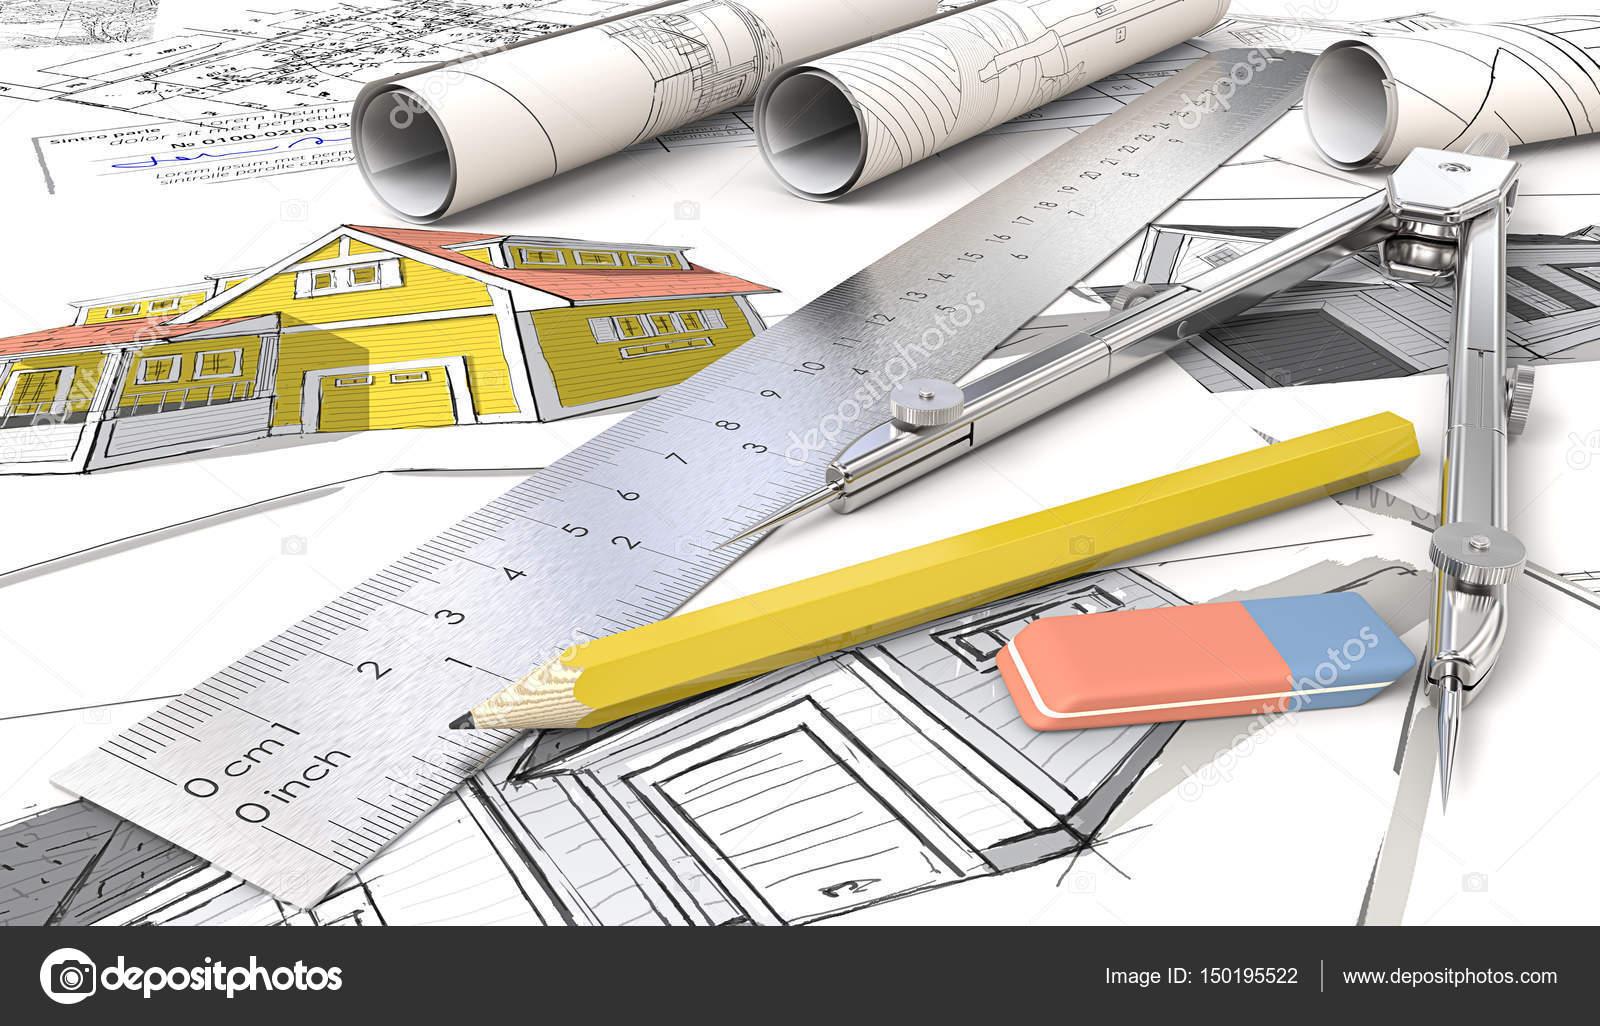 Gelbe Thema Haus Architekturskizzen Brotchen Lineal Bleistift Radiergummi Und Teiler Aus Metall 3D Render Foto Von JohanH